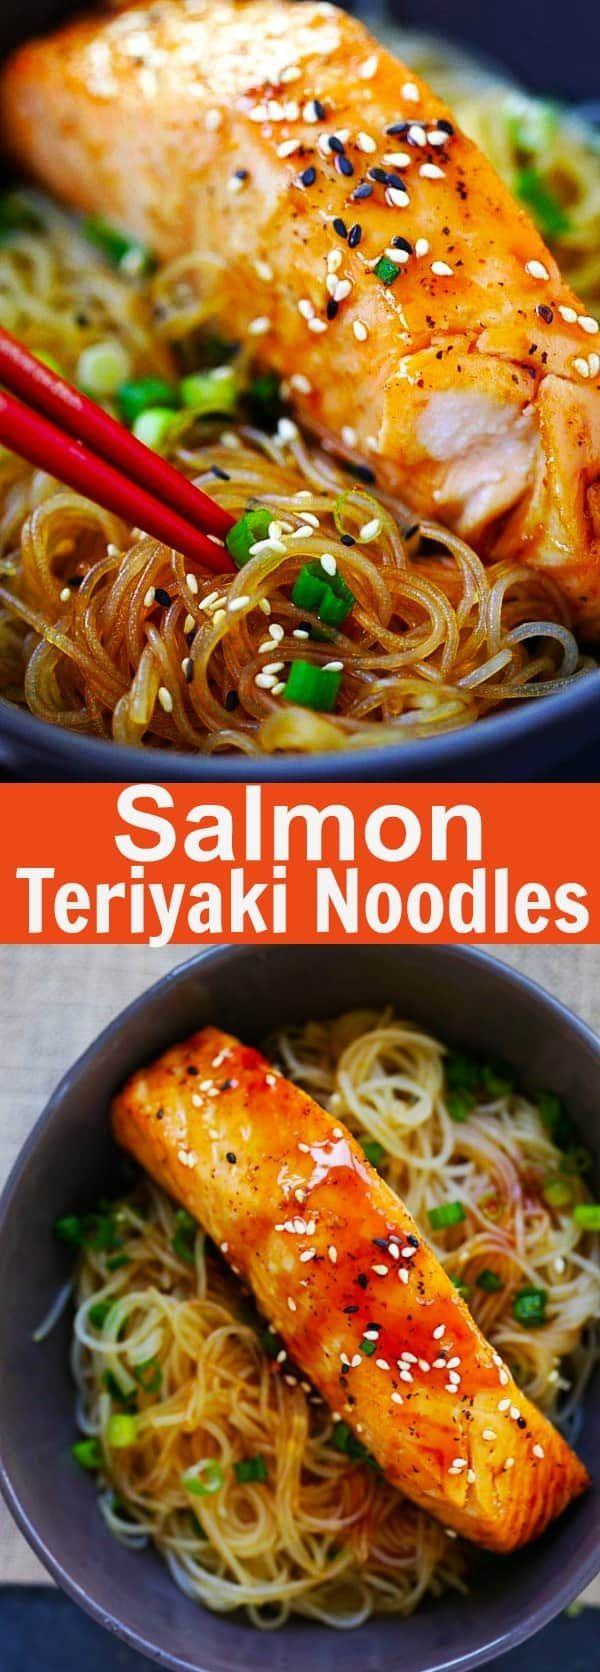 Salmon Teriyaki Noodles - Rasa Malaysia #teriyakisalmon